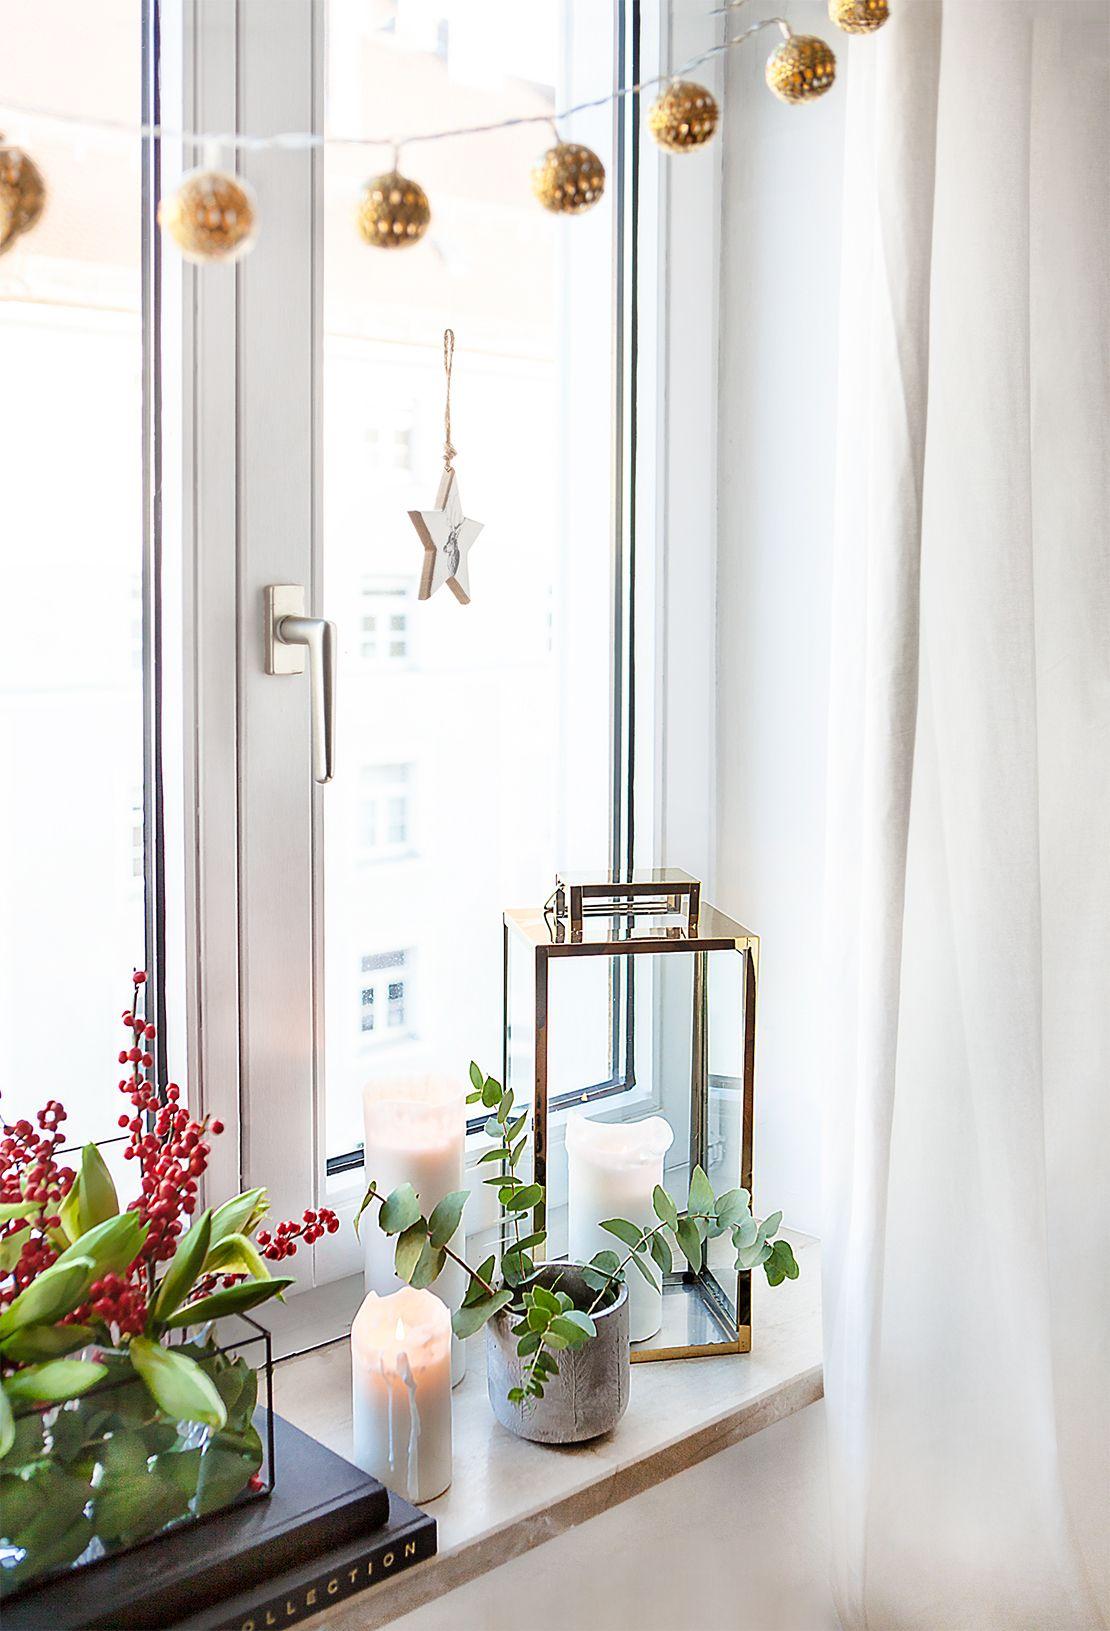 Kreative weihnachtsdeko f r 39 s fensterbrett im - Fensterbrett dekorieren ...